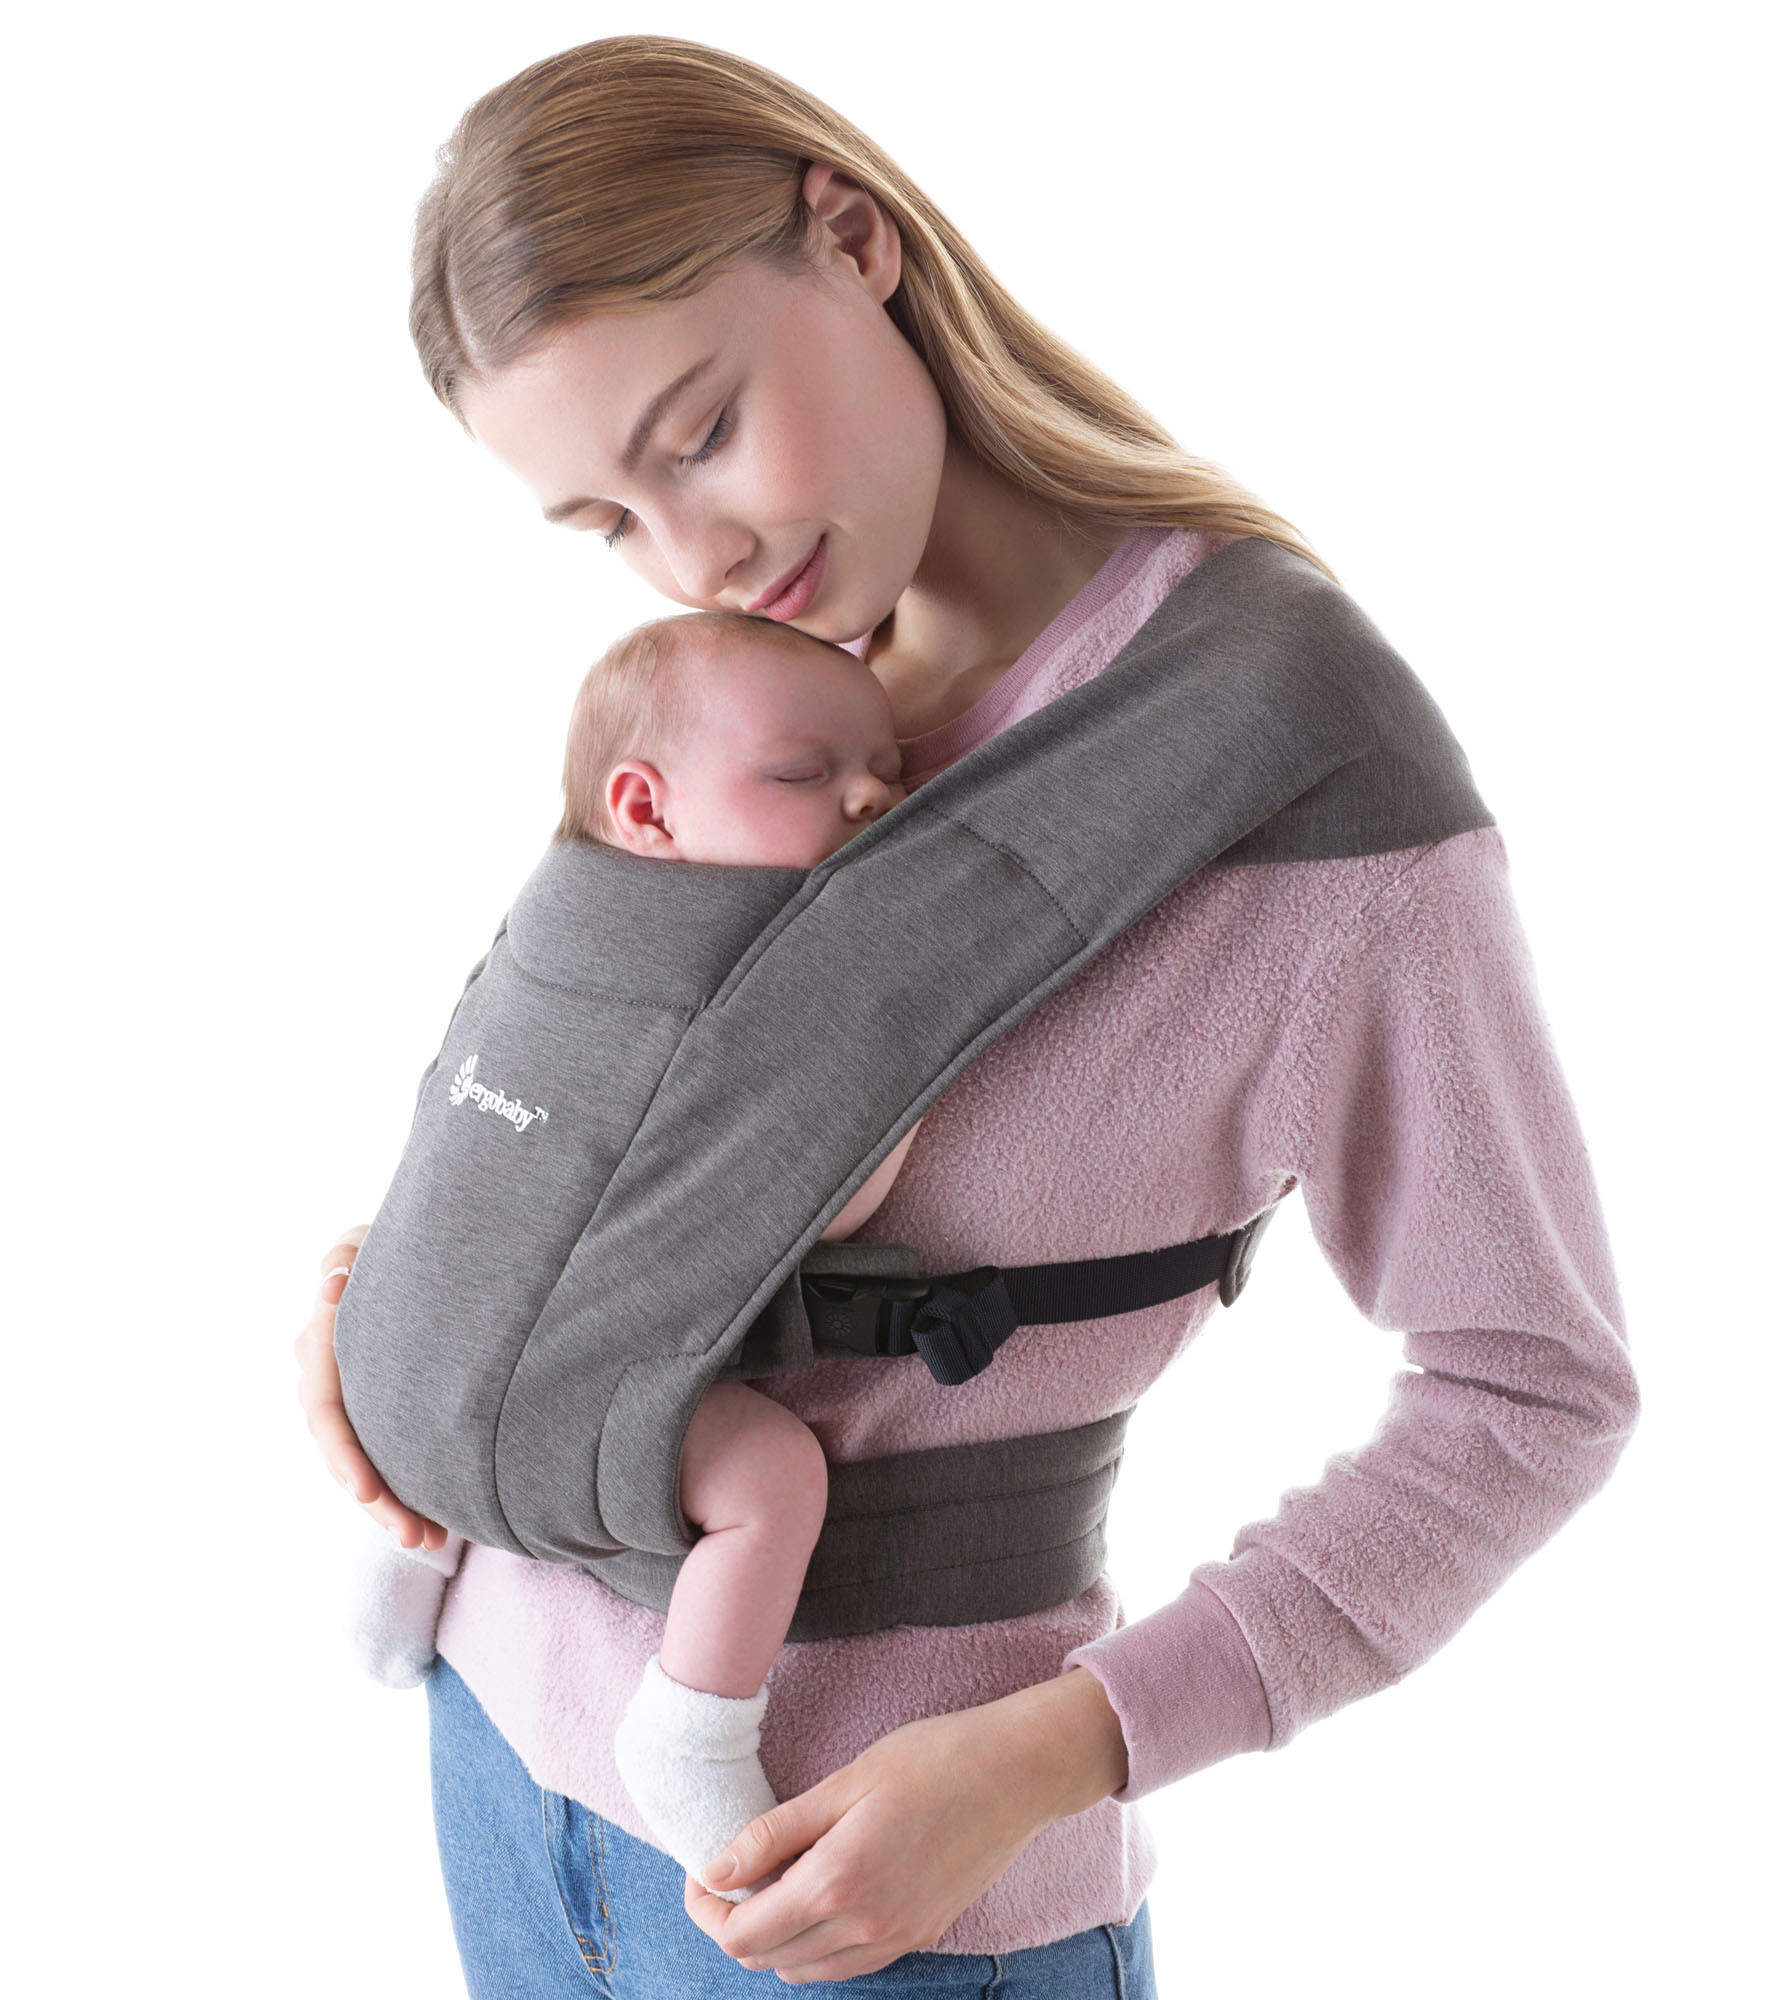 Babydraagzak Embrace heather grey-1